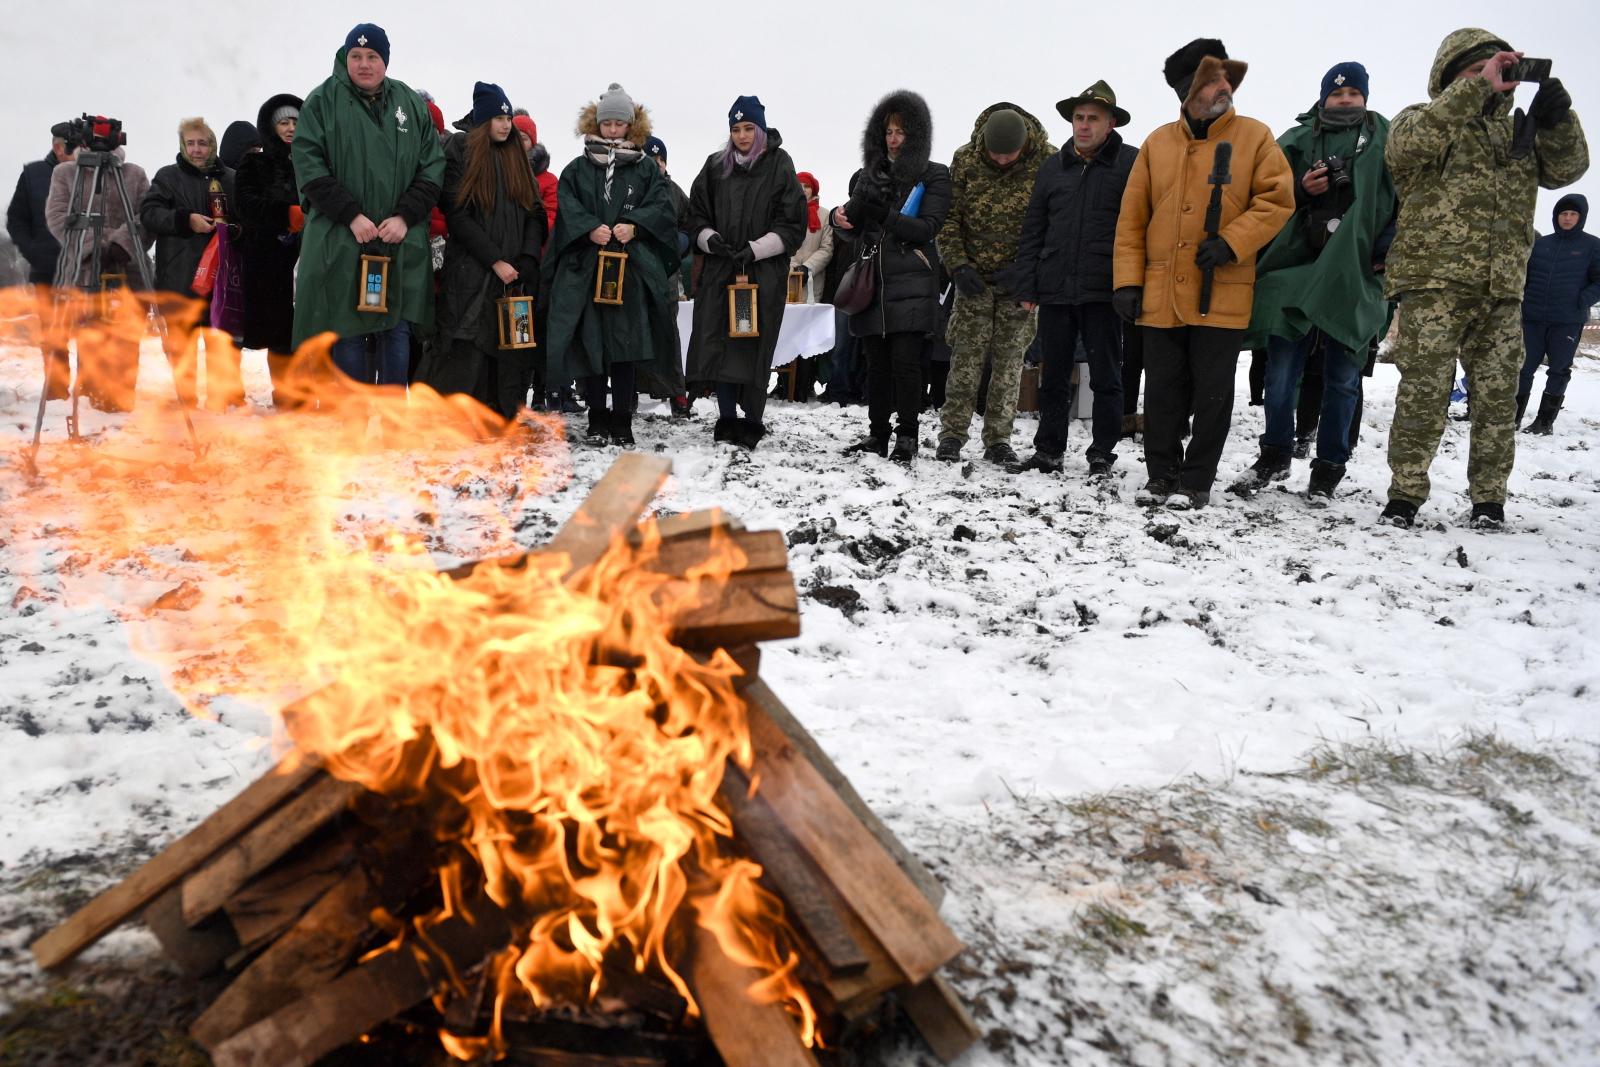 Przekazanie Betlejemskiego Światła Pokoju z Polski na Ukrainę. Fot.PAP/Darek Delmanowicz